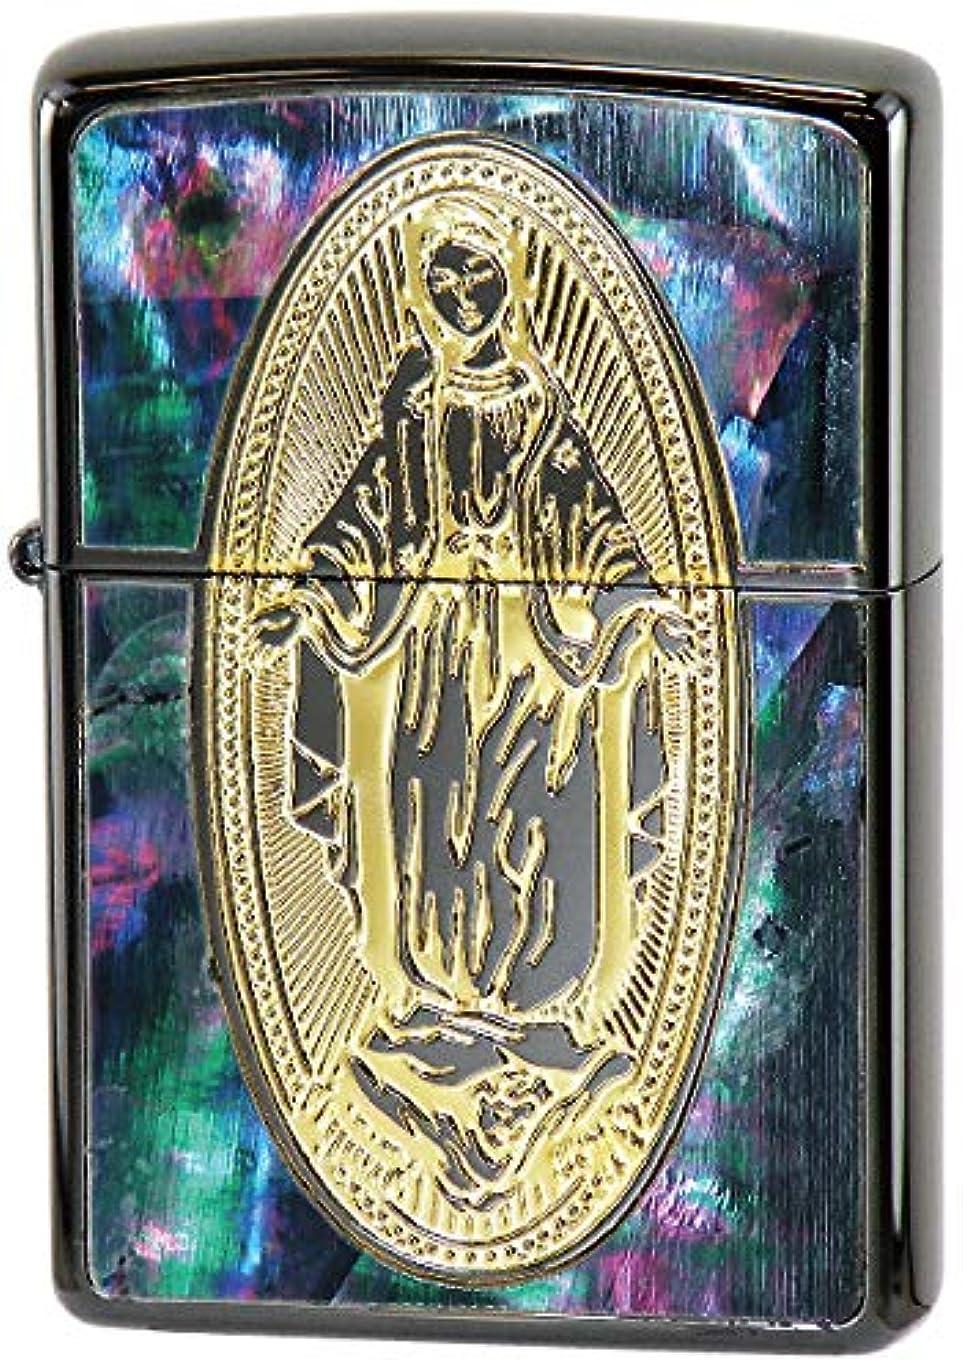 メニュー下位マーキング【ZIPPO】 ジッポーライター オイル ライター SHELL(貝貼り) シェル Goddess of Mercy (ゴッデス オブ マーシー) マリア